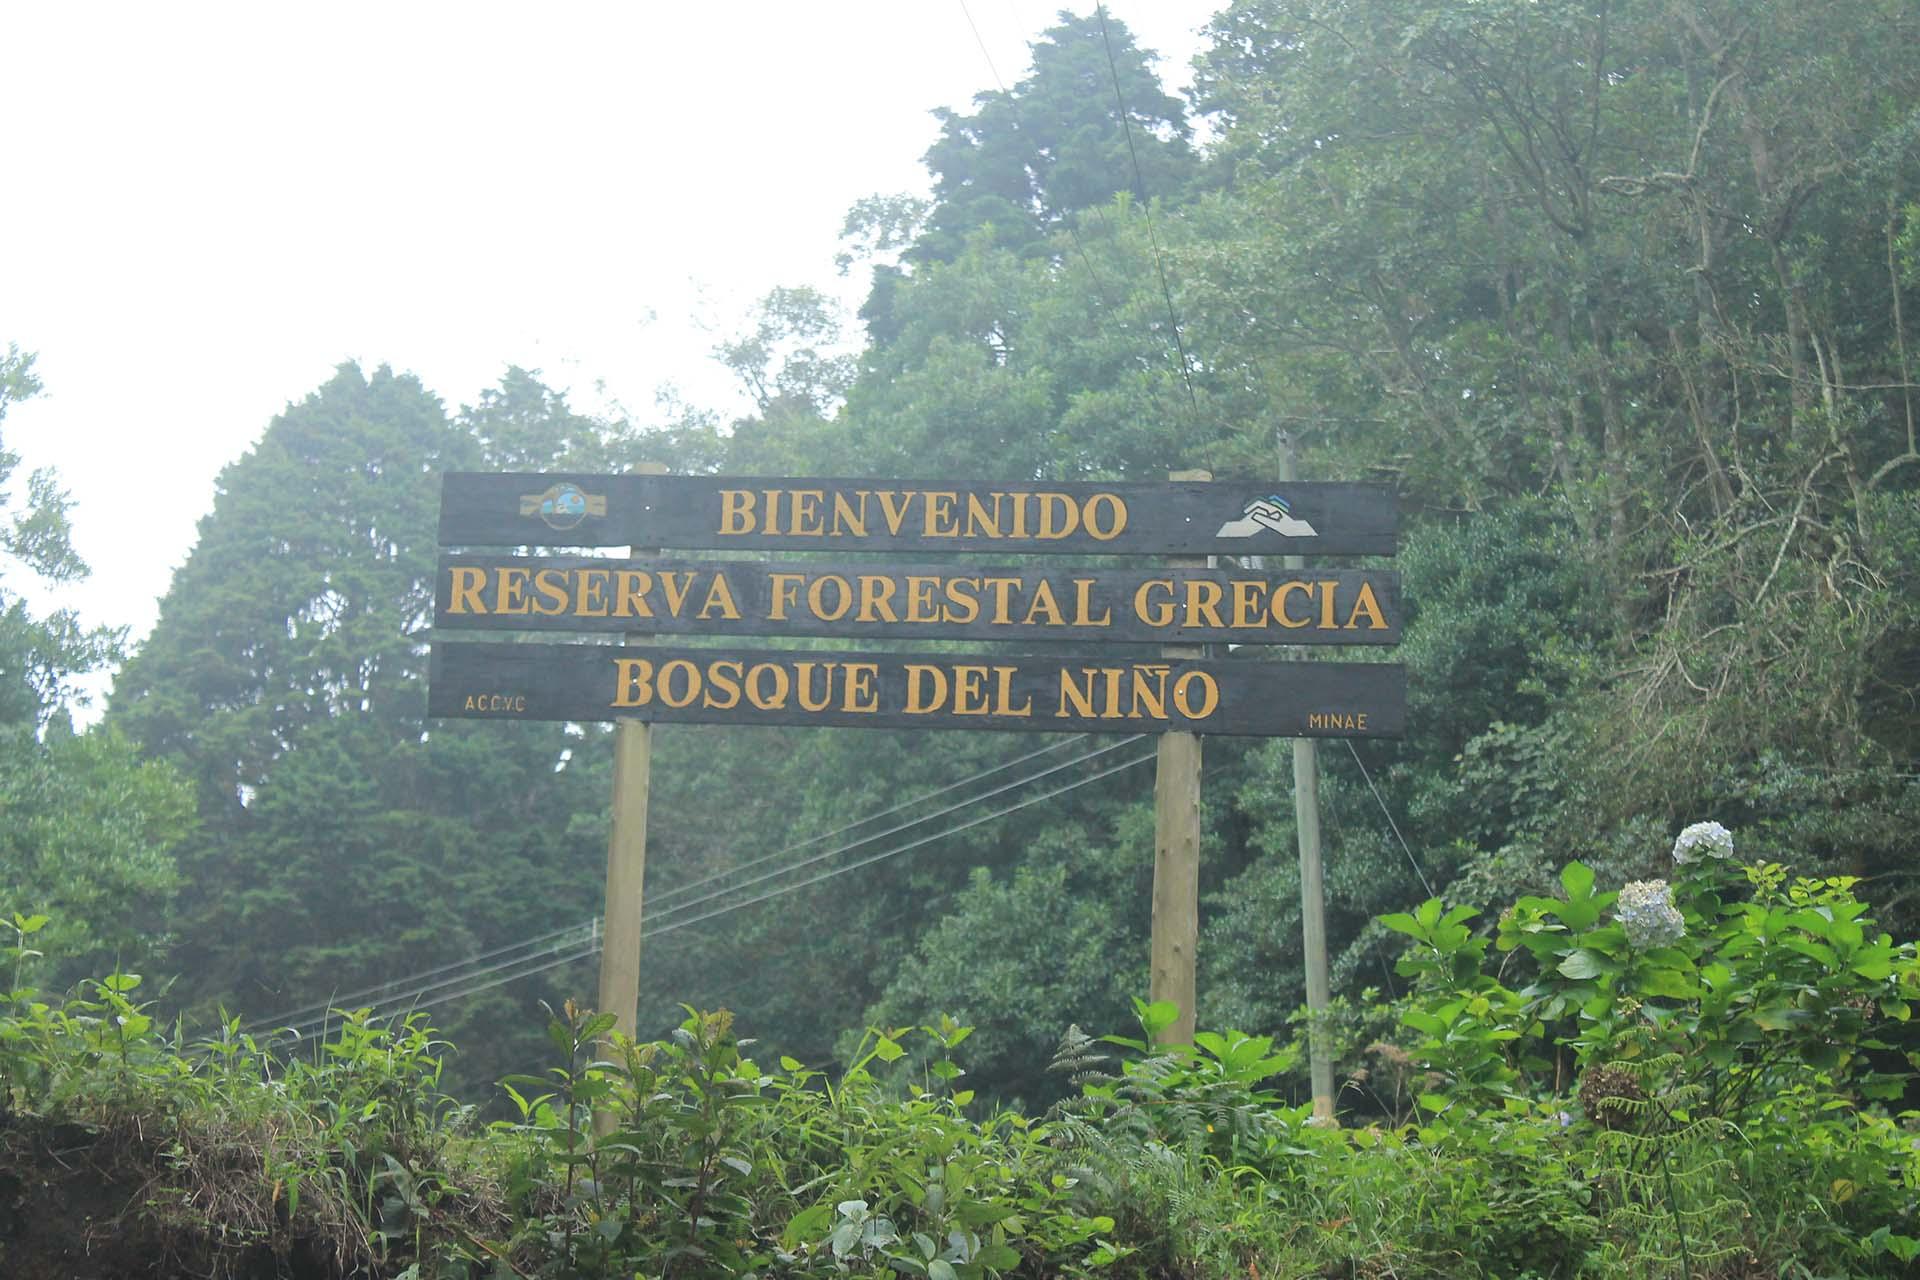 Reserva Forestal Grecia